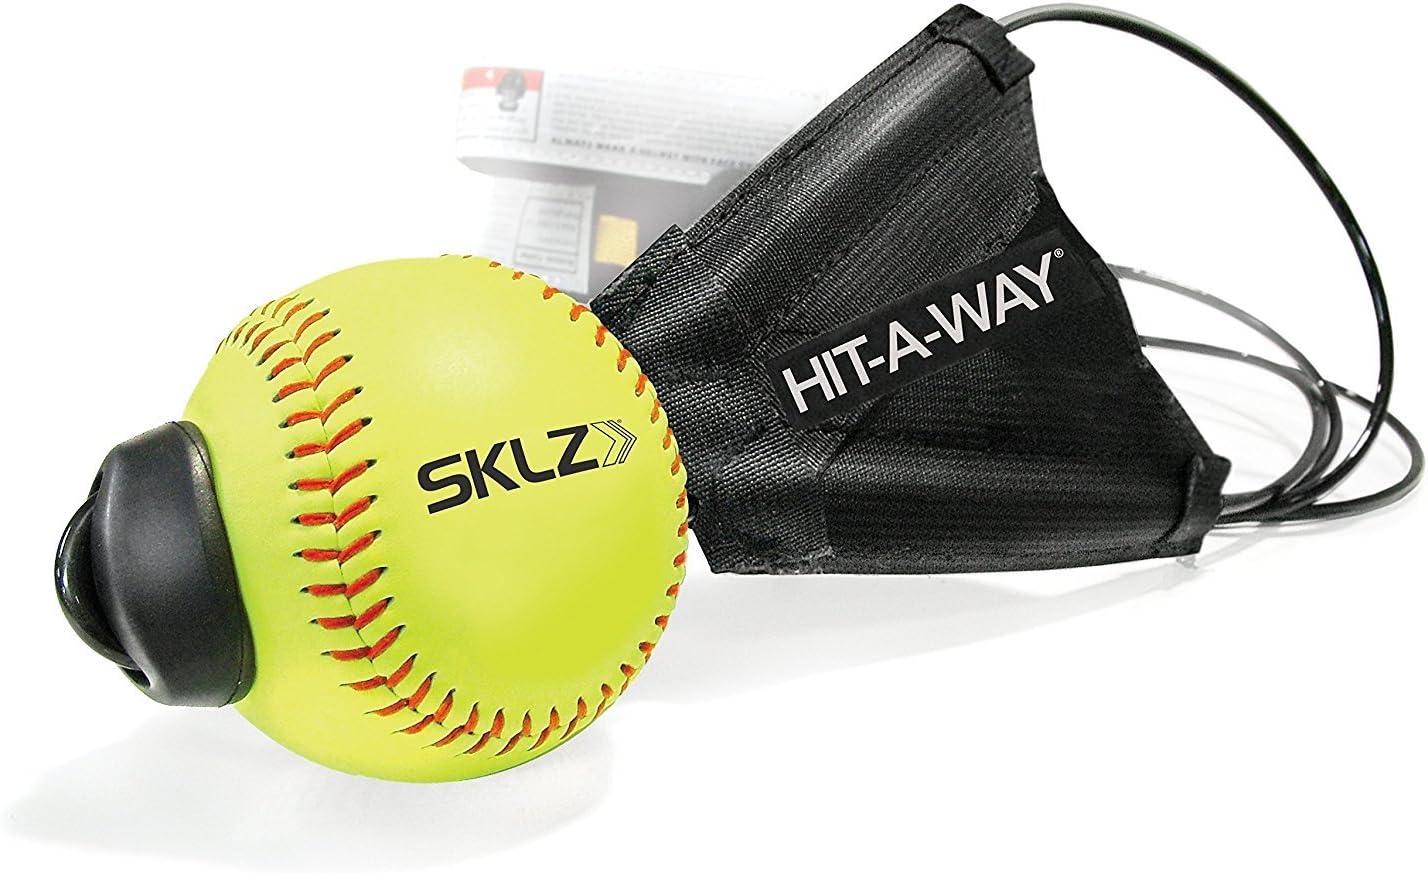 DE d/éveloppement m/écanique de swing /Am/éliorez votre Batteur de puissance Pacing SKLZ Hit-a-way Swing dentra/înement pour Baseball et Softball/ D/élais et de Confiance Simule v/éritable Ouverture